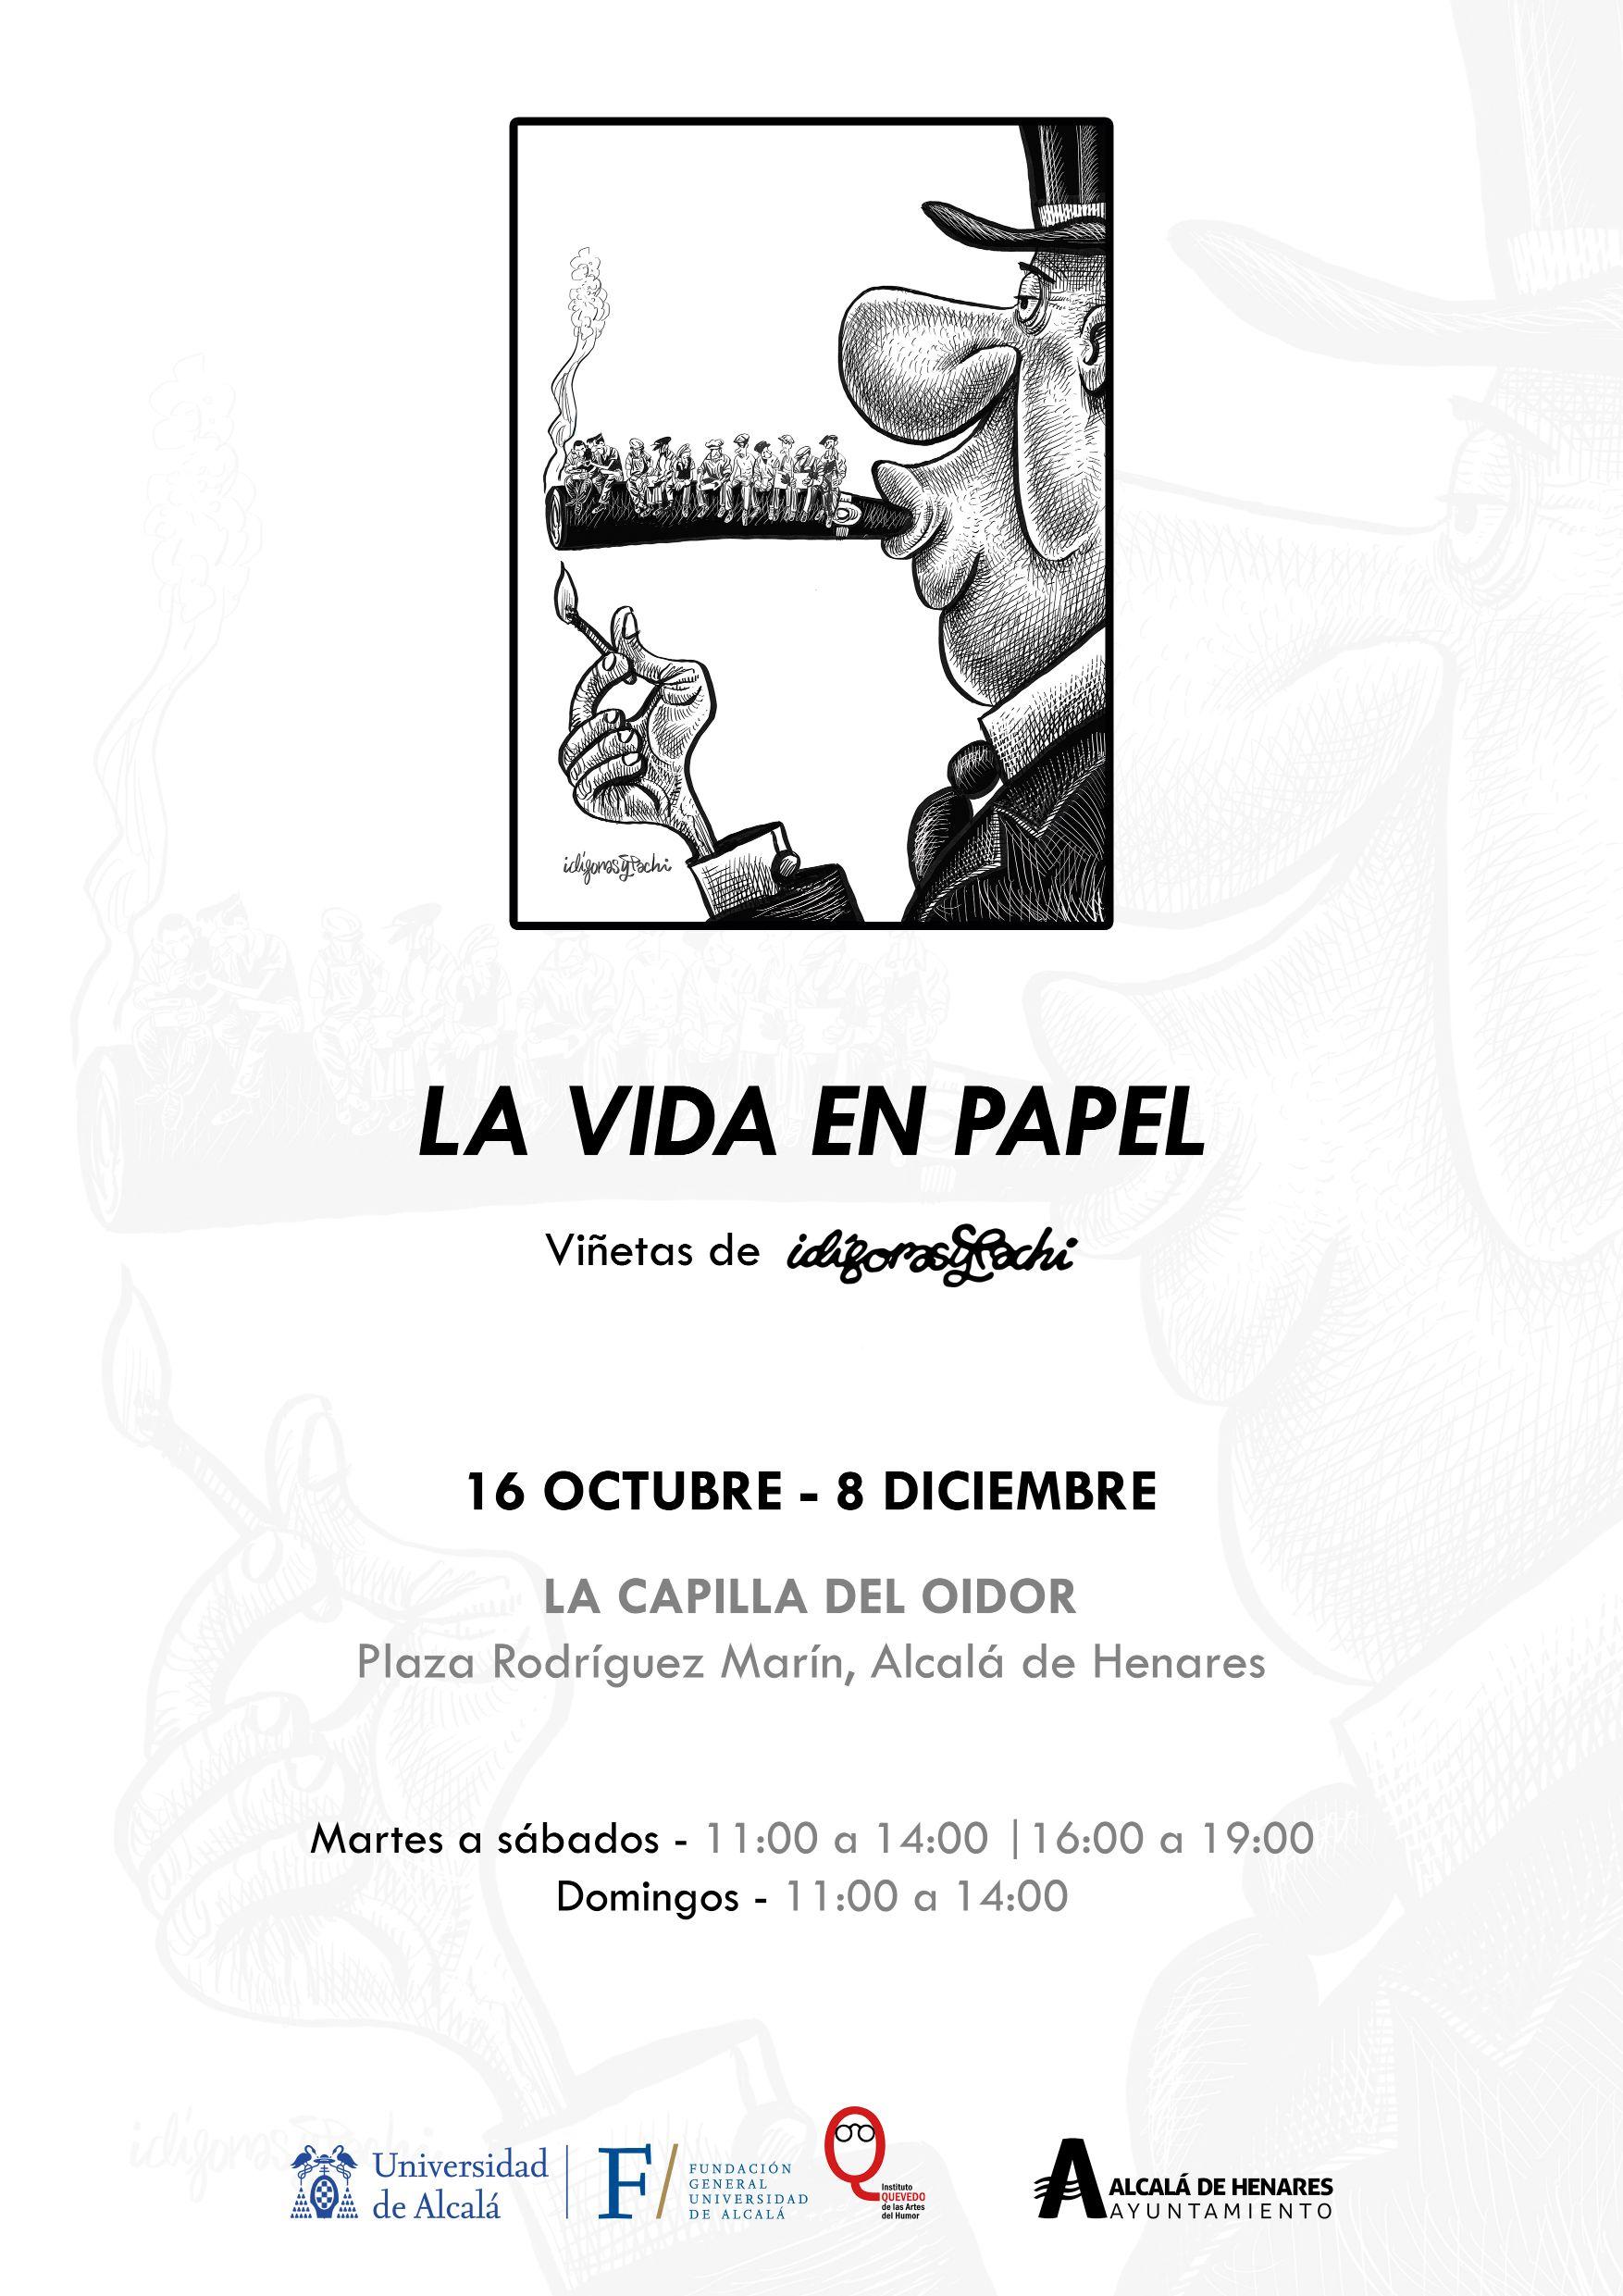 La vida en papel, viñetas de Idígoras y Pachi, Alcalá de Henares